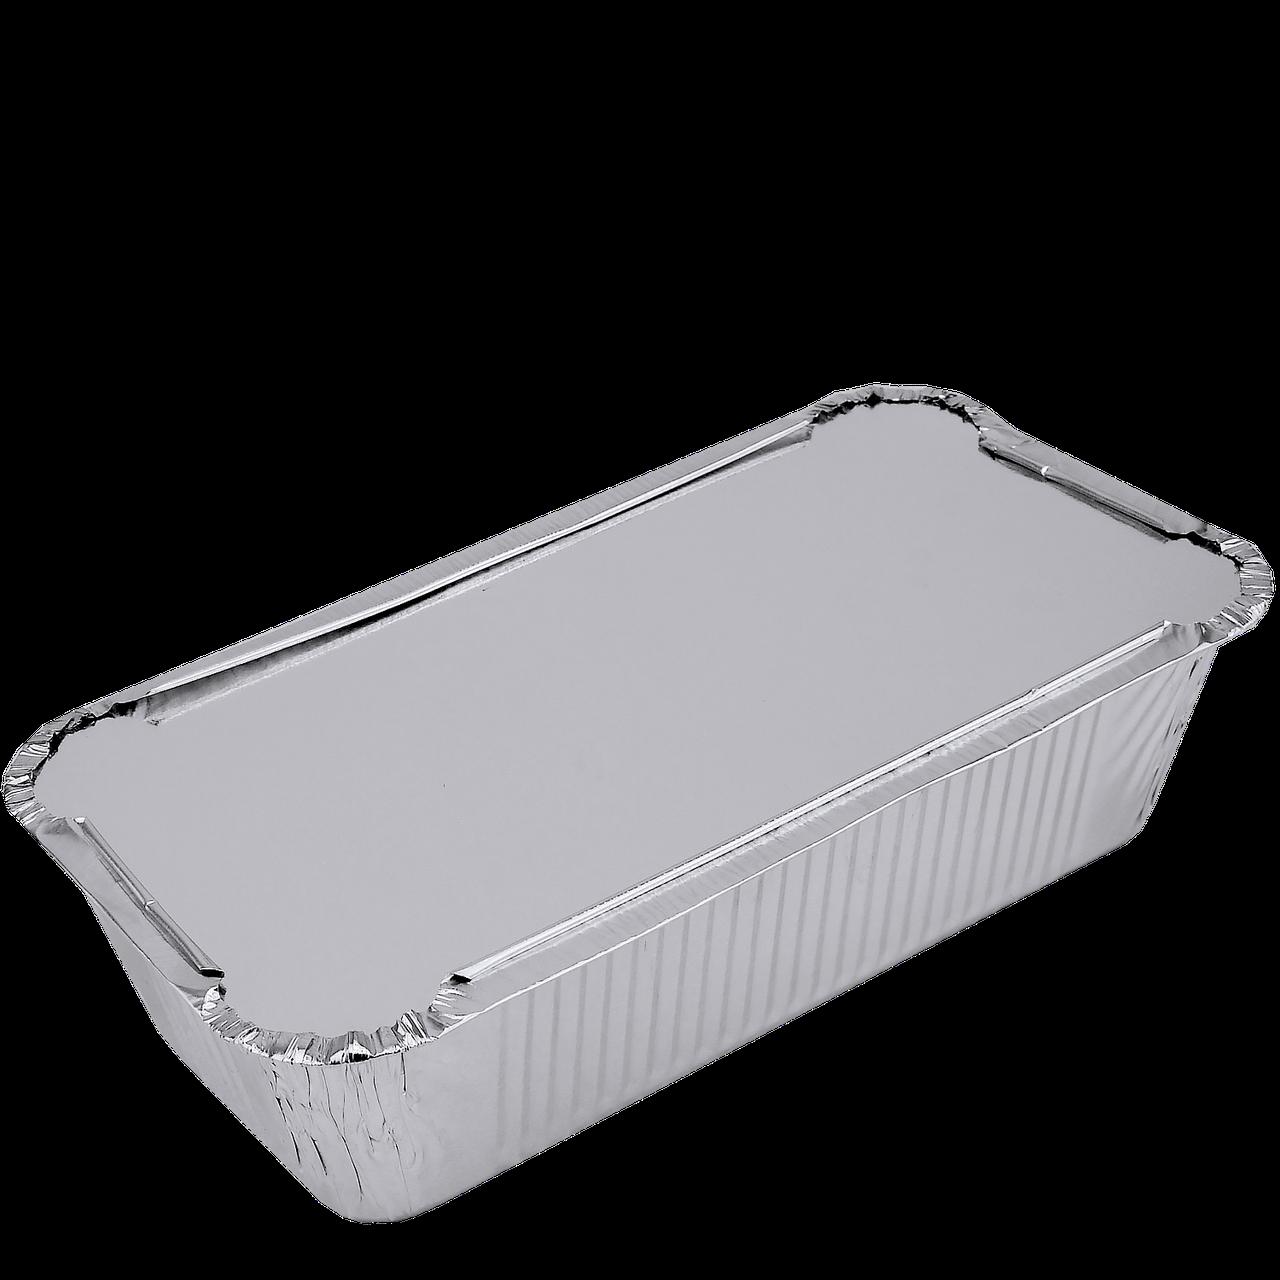 Крышка к прямоугол. алюм. контейнеру 900мл из алюминиевой фольги и картона (SP62L) уп/100 шт